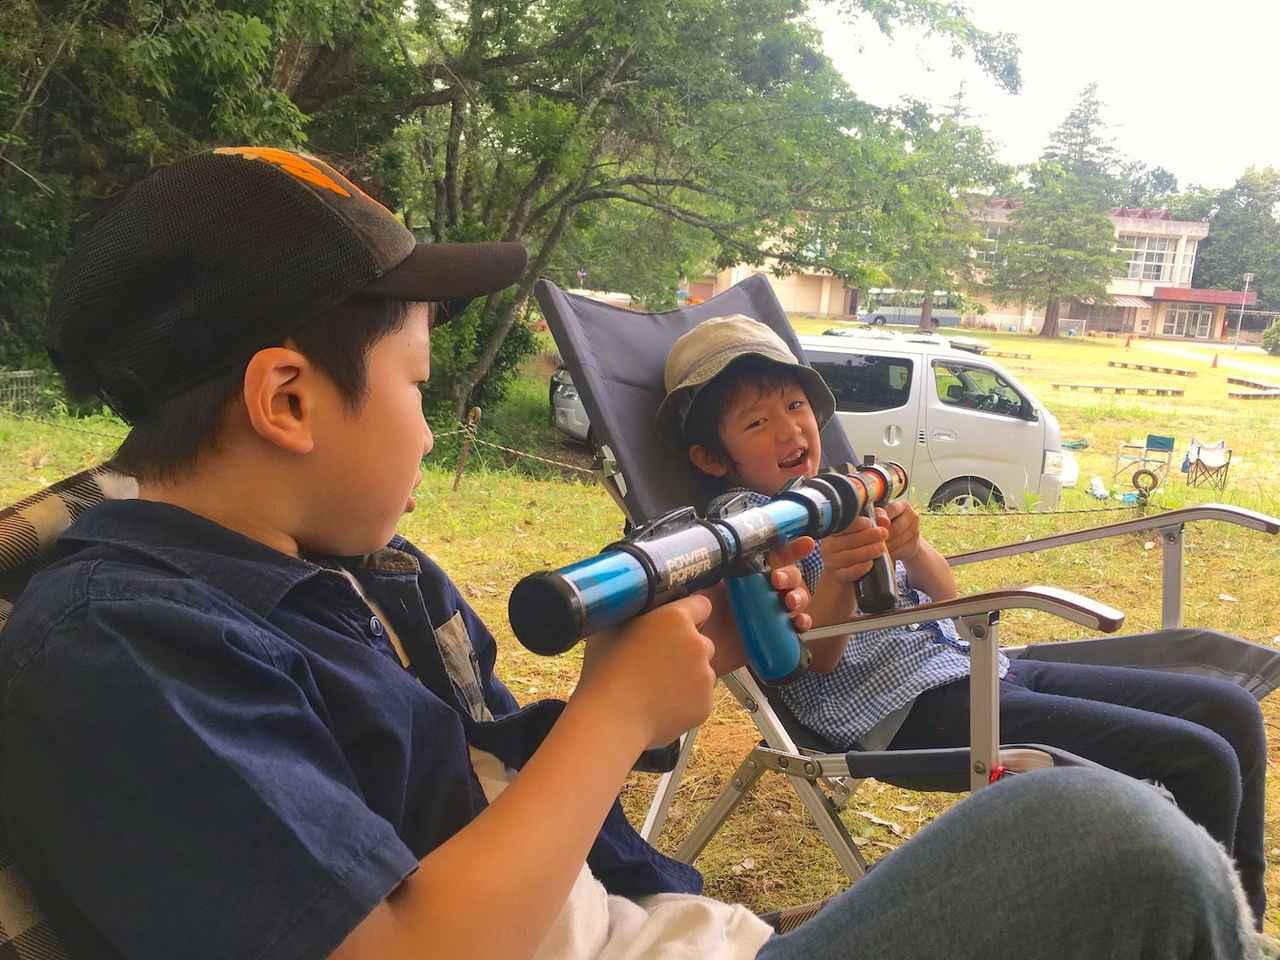 画像: 玉拾いは大変ですが、空気銃も周囲を気にせず打ち合えます(笑) campeena.com